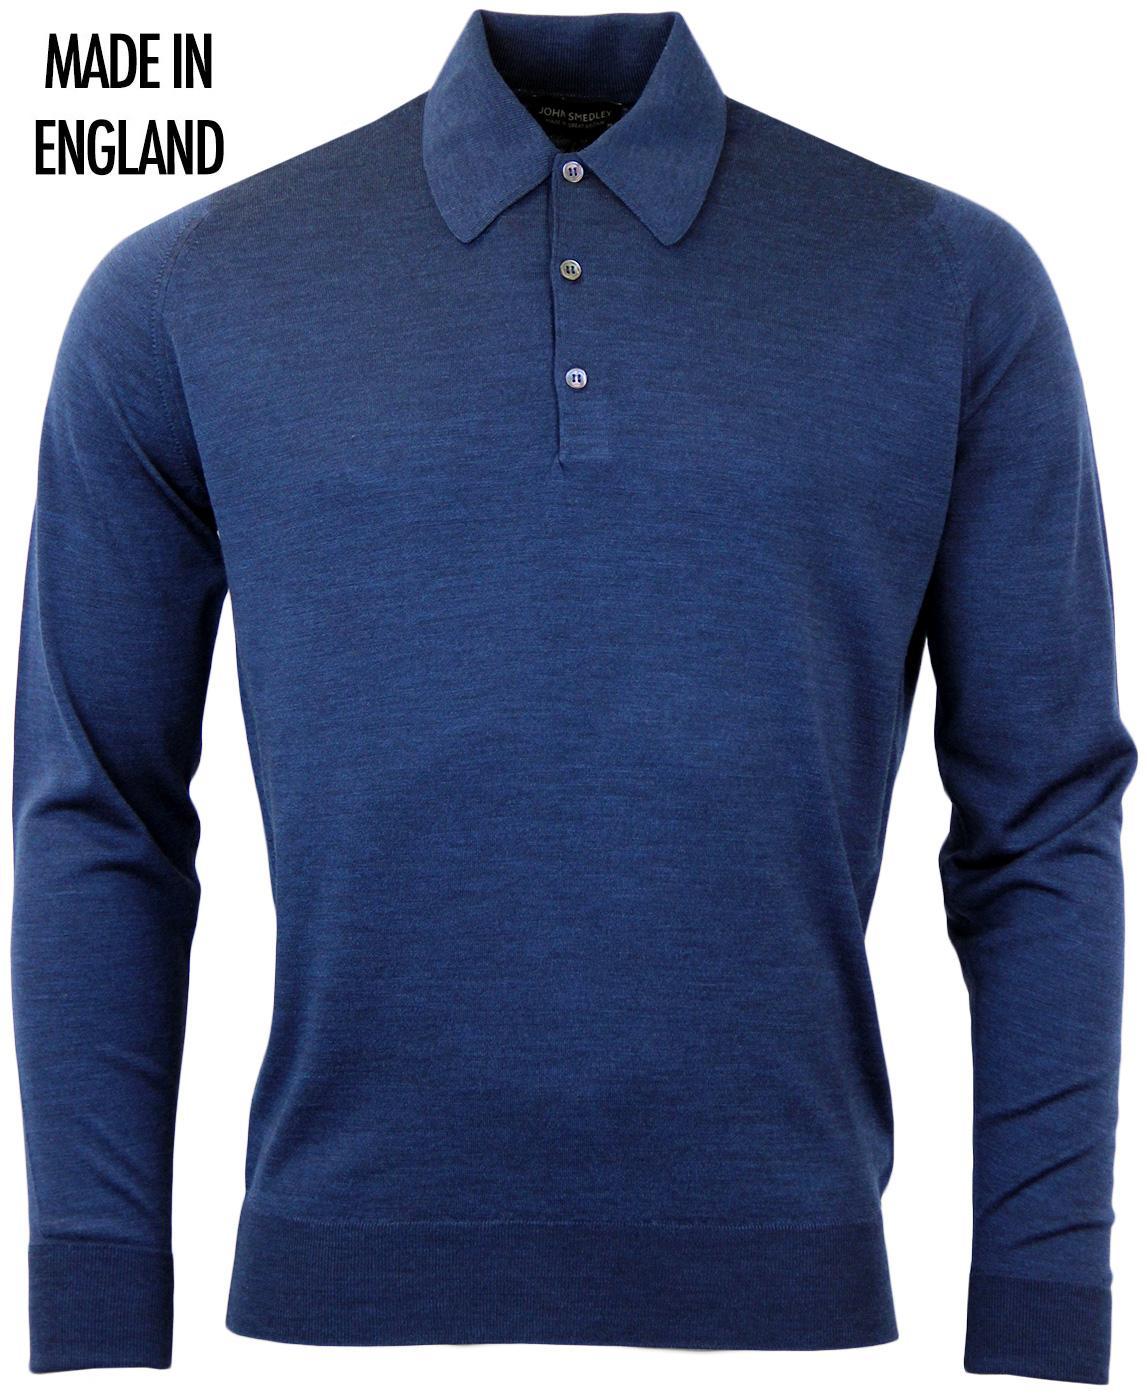 Dorset JOHN SMEDLEY Retro 60s Mod Knitted Polo I